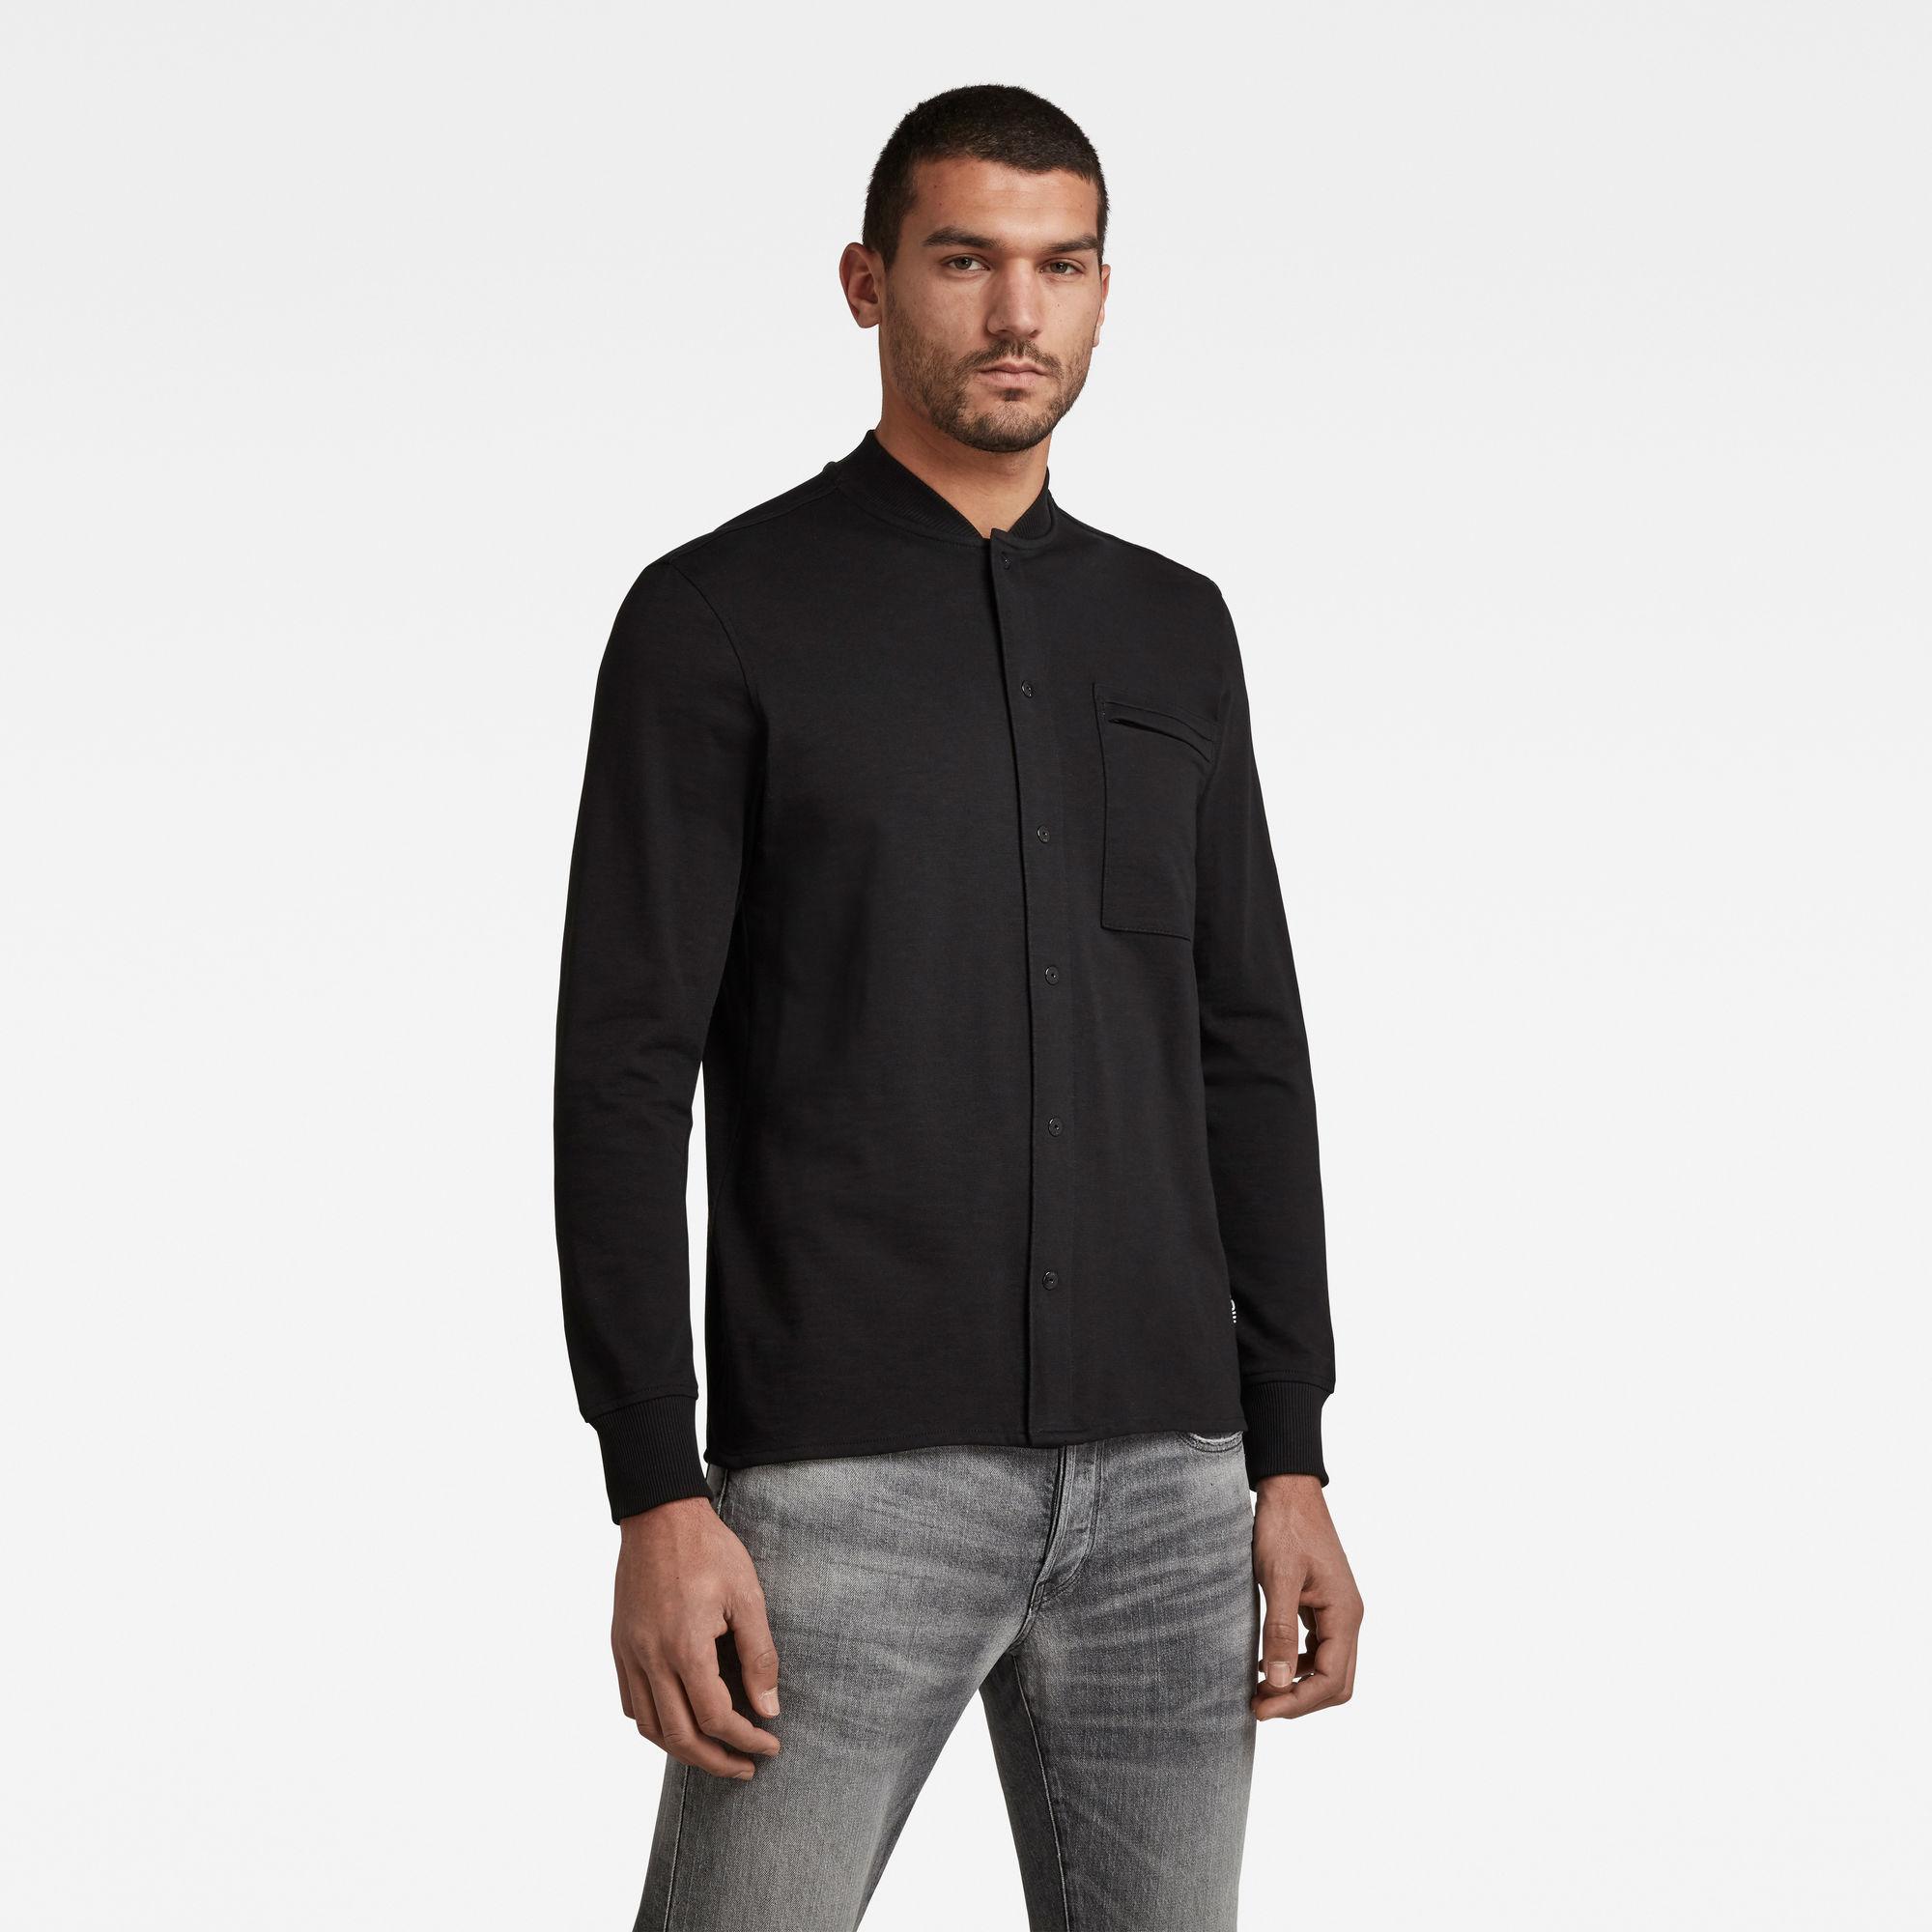 G-Star RAW Heren Baseball Jersey Zip Pocket T-Shirt Zwart